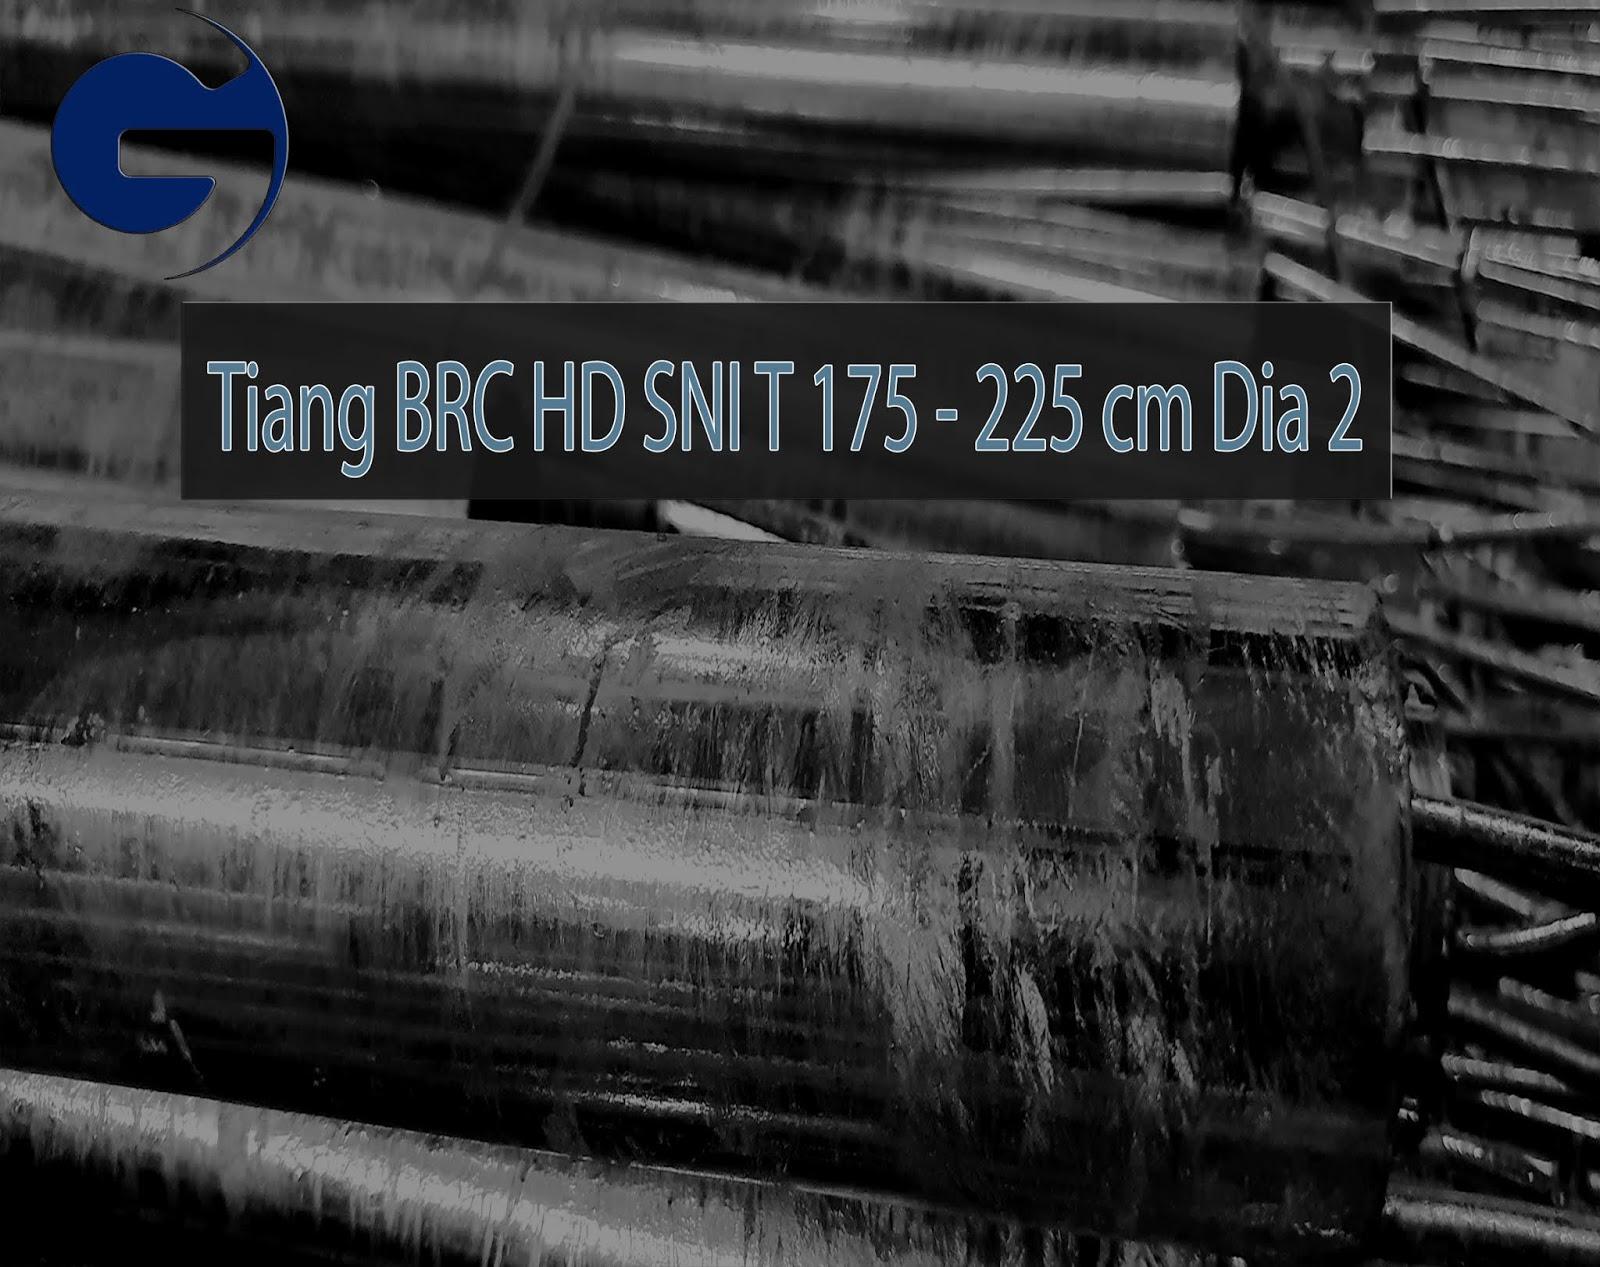 Jual Tiang BRC HDG SNI T 225 CM Dia 2 Inch